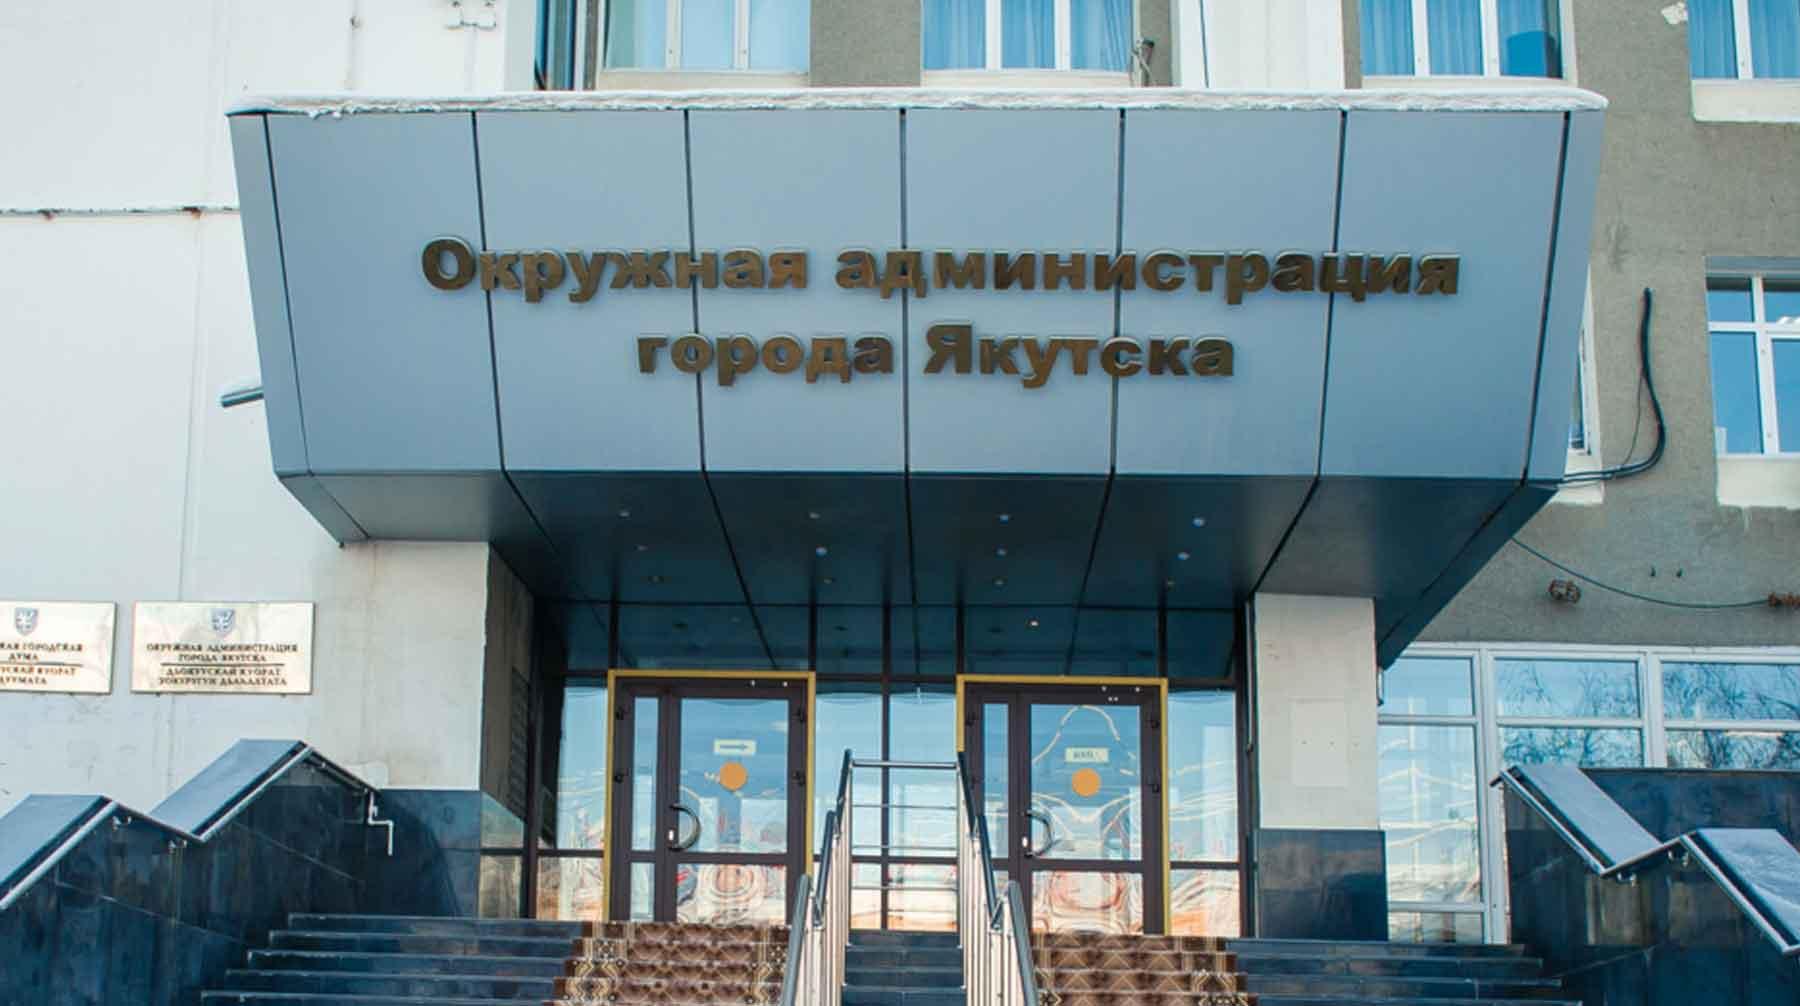 Итоги мониторинга объектов общепита на предмет соблюдения санитарных требований